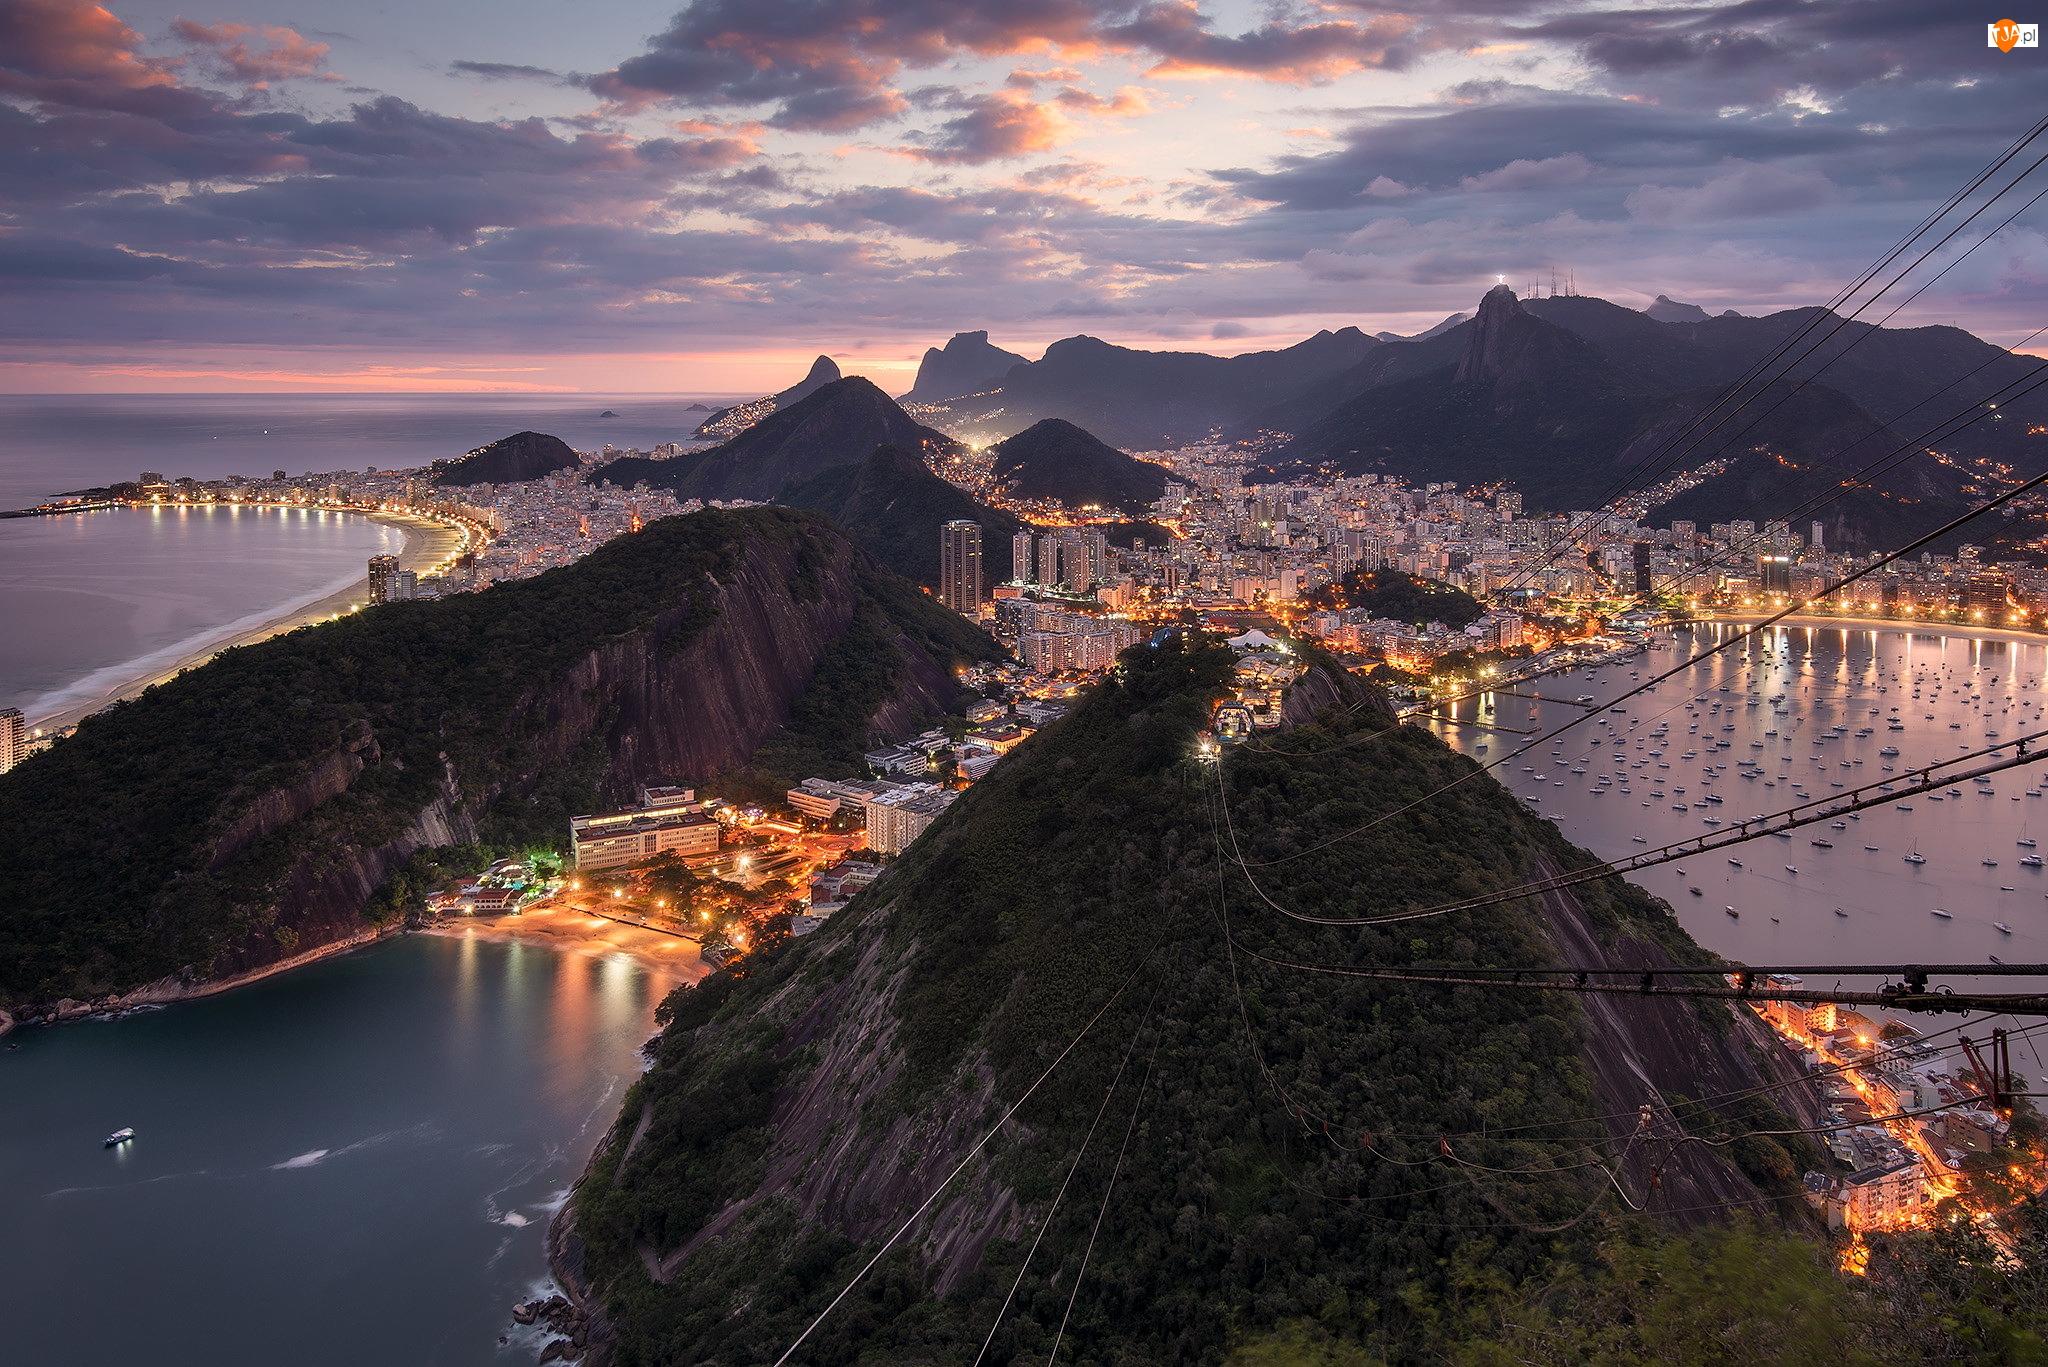 Chmury, Domy, Światła, Góry, Rio de Janeiro, Brazylia, Zatoka Guanabara, Morze, Statki, Zachód słońca